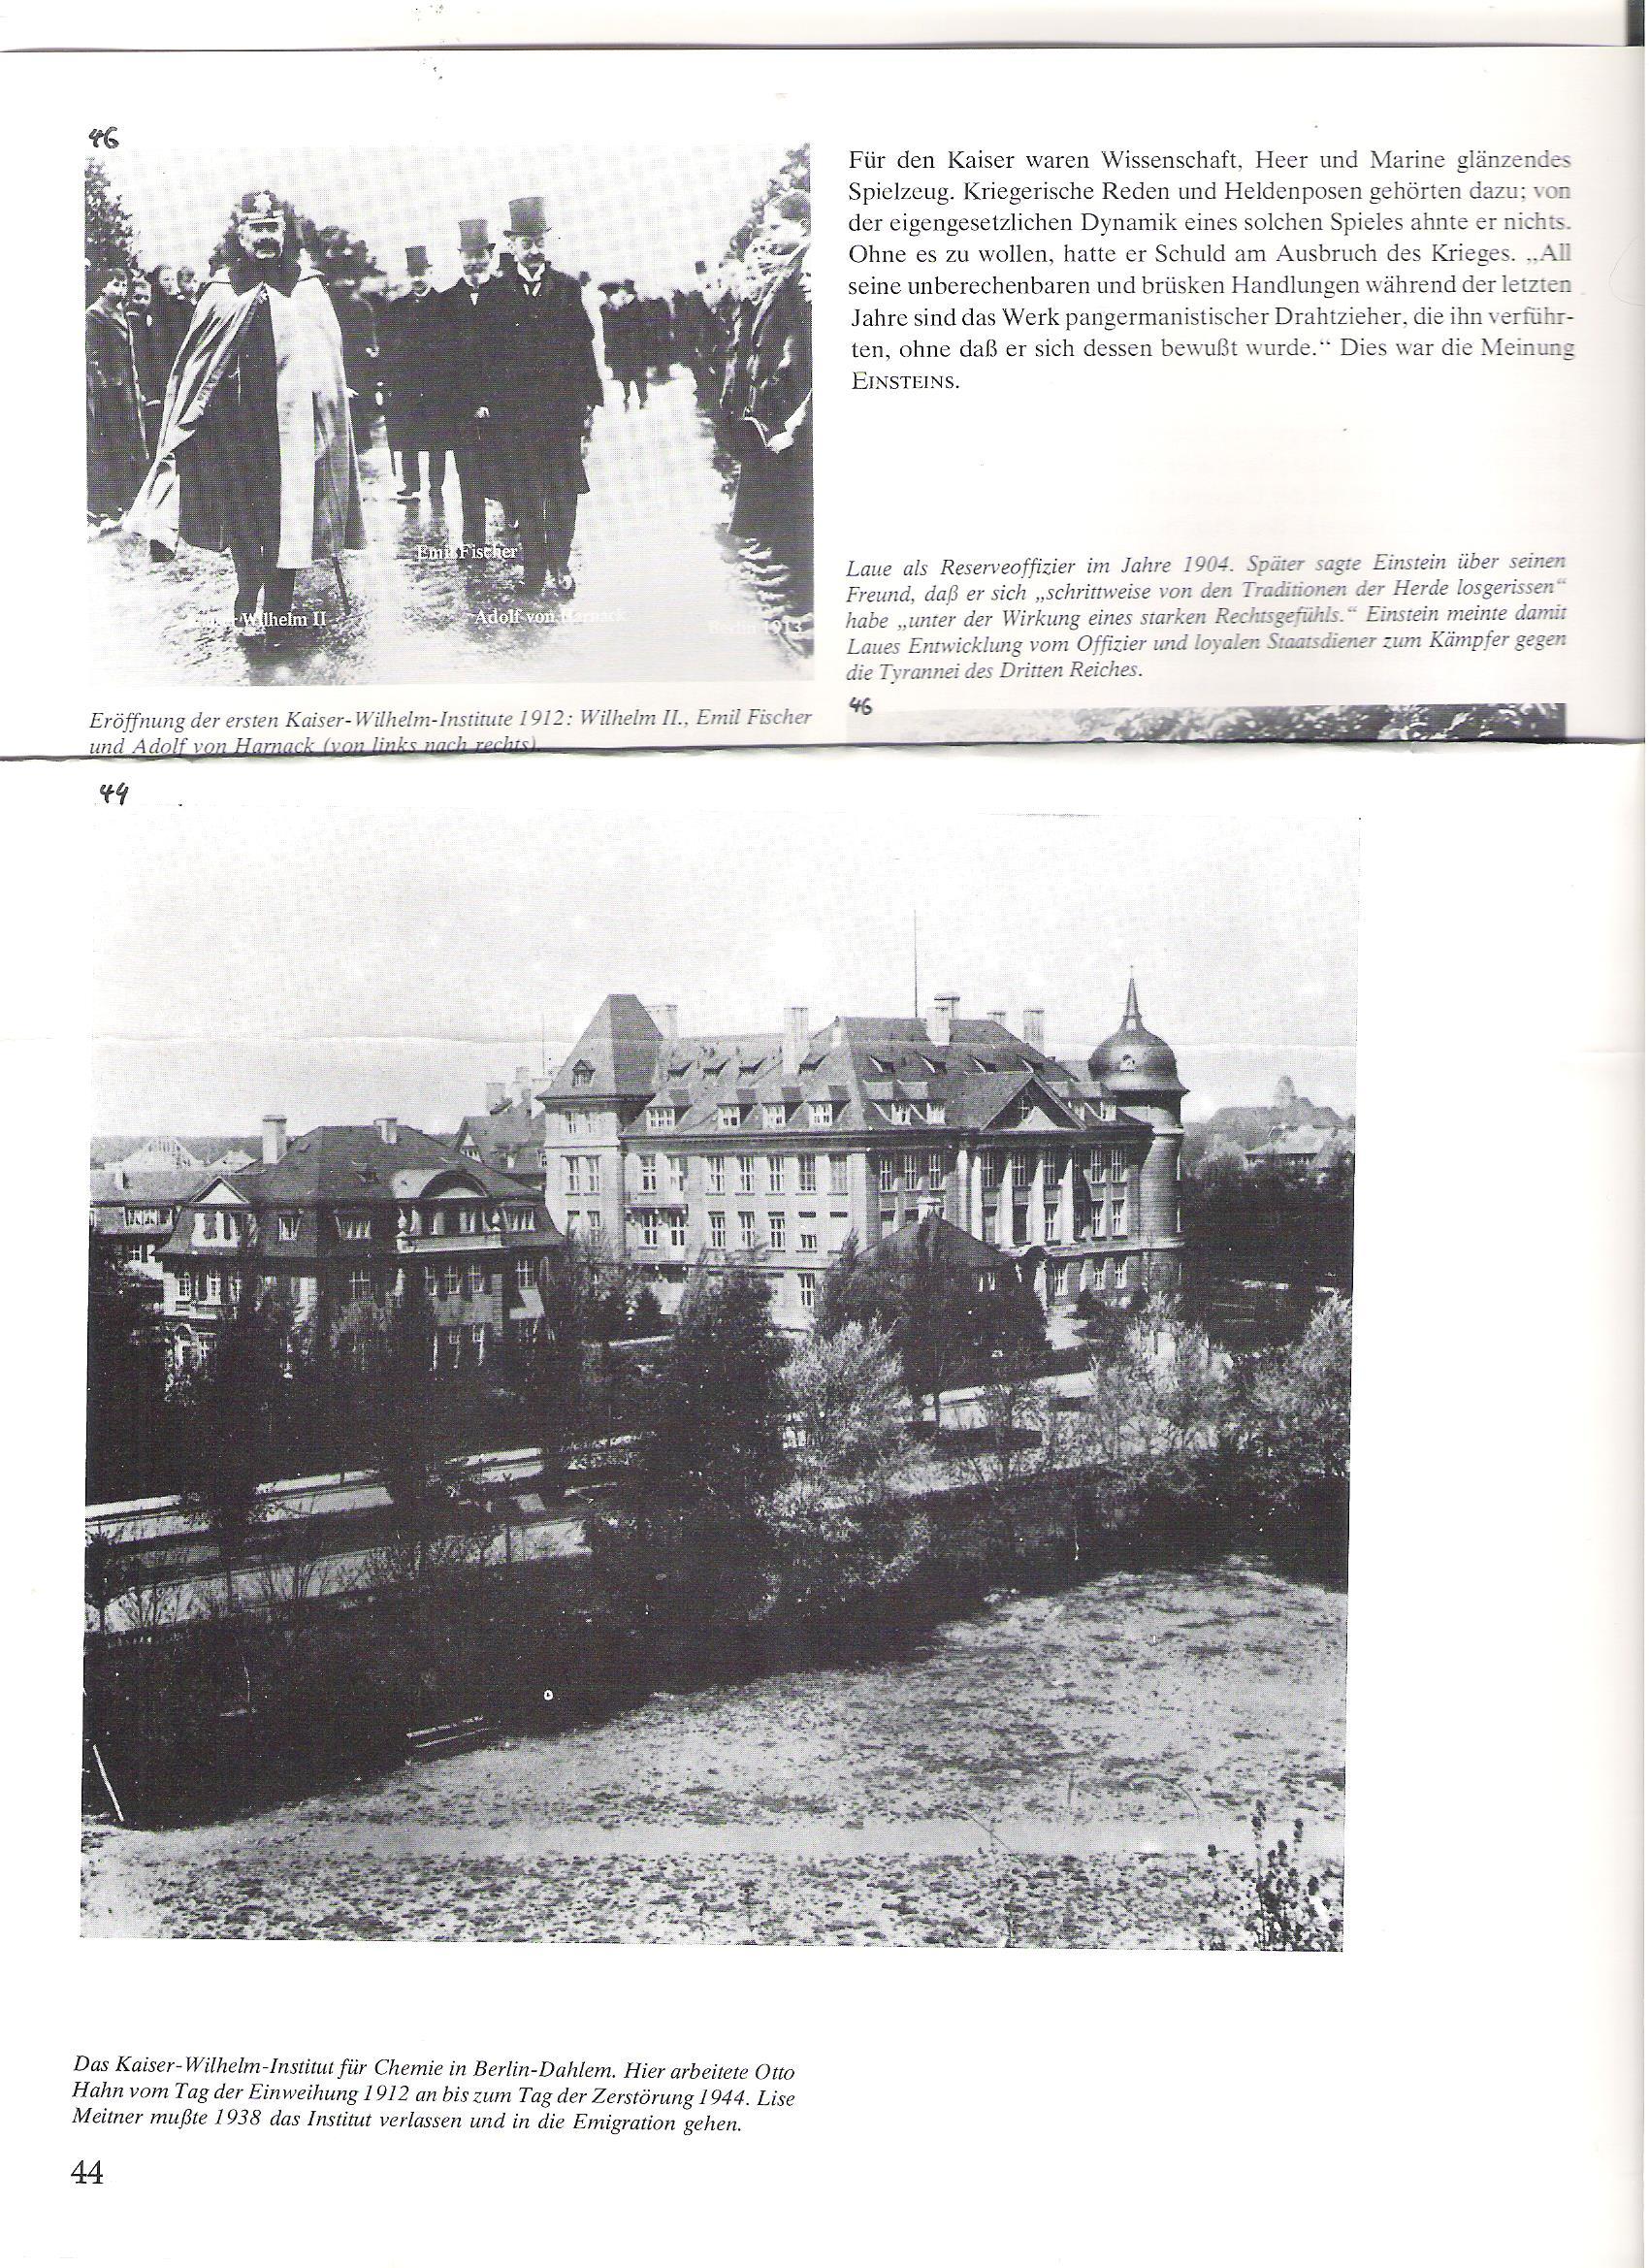 <br />44 <br />Kaiser Wilhelm Kémiai Intézet Berlin-Dahlemben Itt dolgozott Otto Hahn az épület fölavatásától 1912-től, annak lerombolásáig 1944-ben. Lise Meitnernek el kellett hagyni az épületet és emigrációba kényszerült.<br /><br />46<br />Az első Kaiser-Wilhelm-Institut (intézet) megnyitása 1912-ben.<br />Balról jobbra: Wilhelm II., Emil Fischer, Adolf von Harnack.